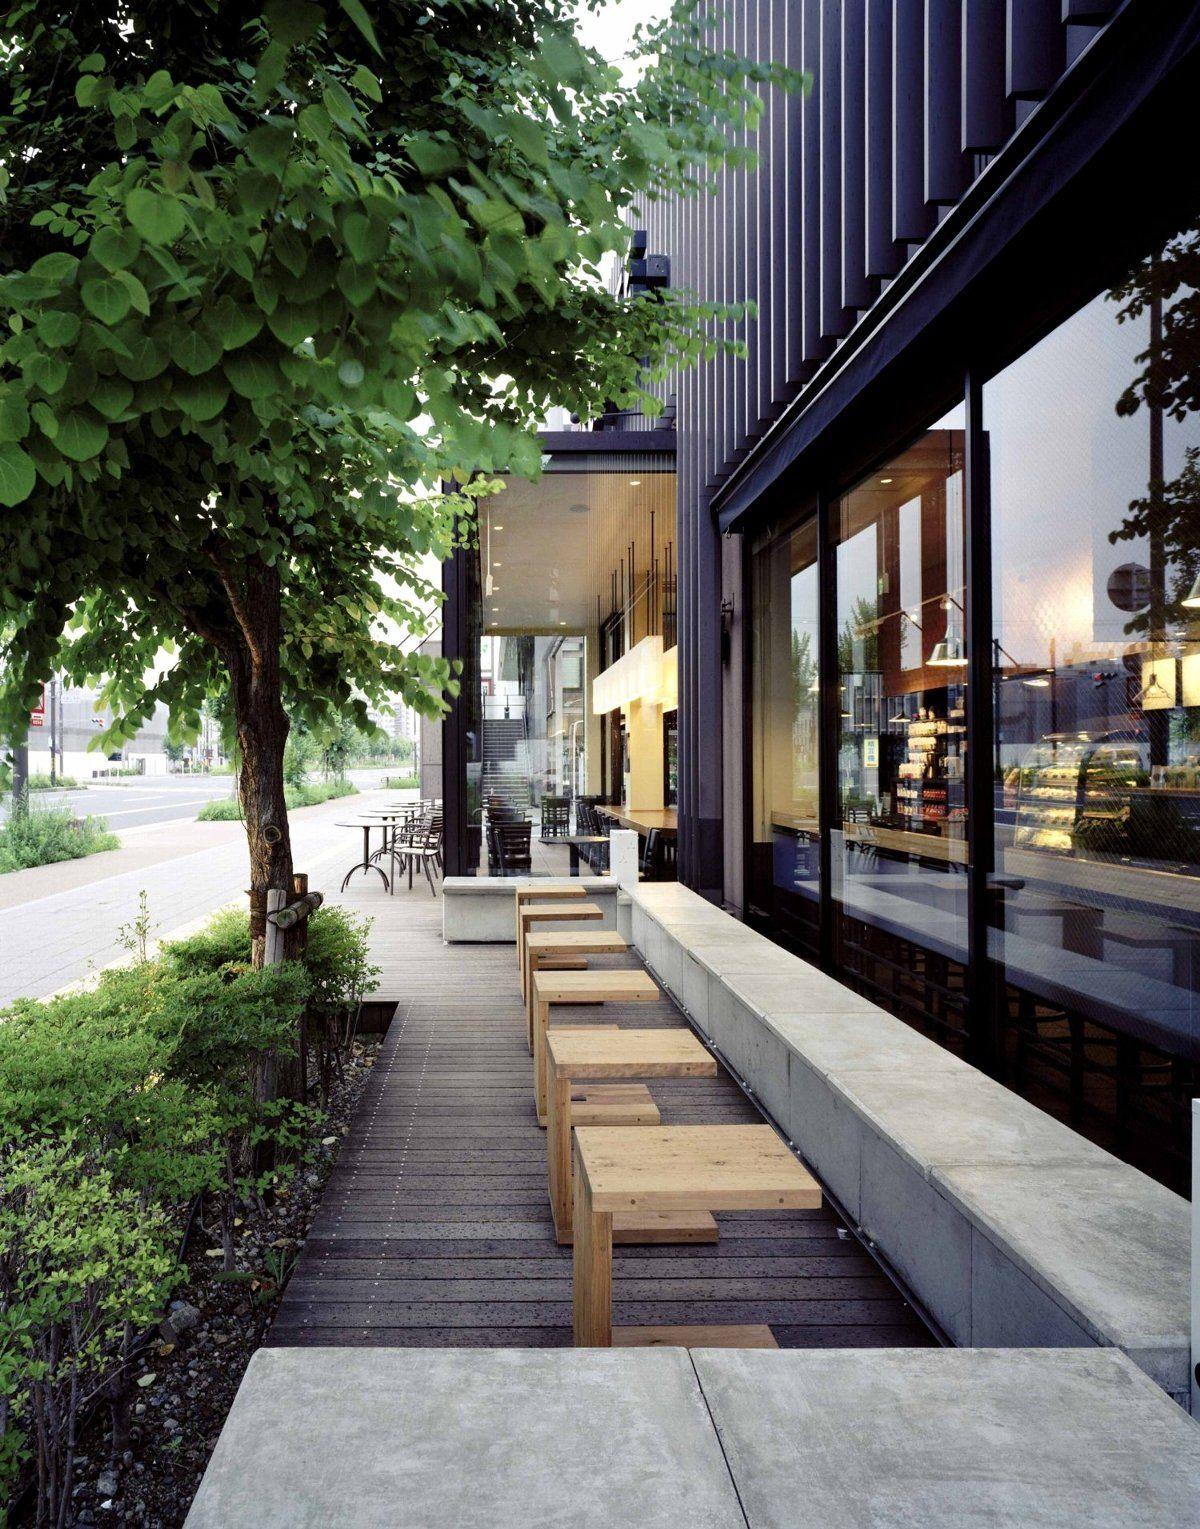 In Kyoto, Japan, this LEEDcertified Starbucks store